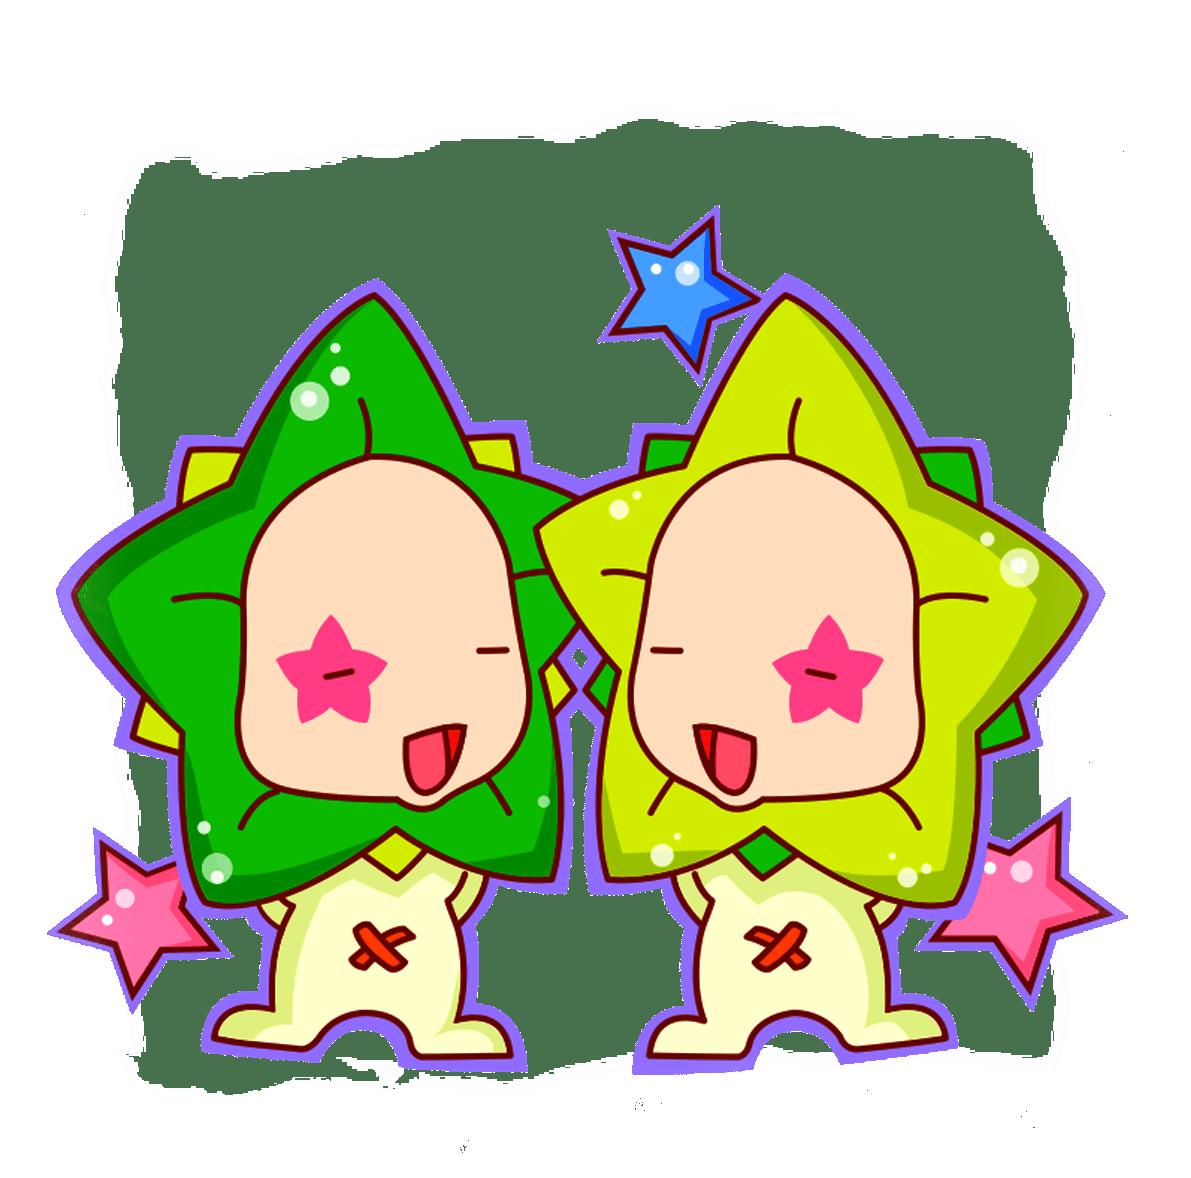 Пермские близнецы. гадание двойняшки (пермские) — а вы знаете, что вас ждет в будущем